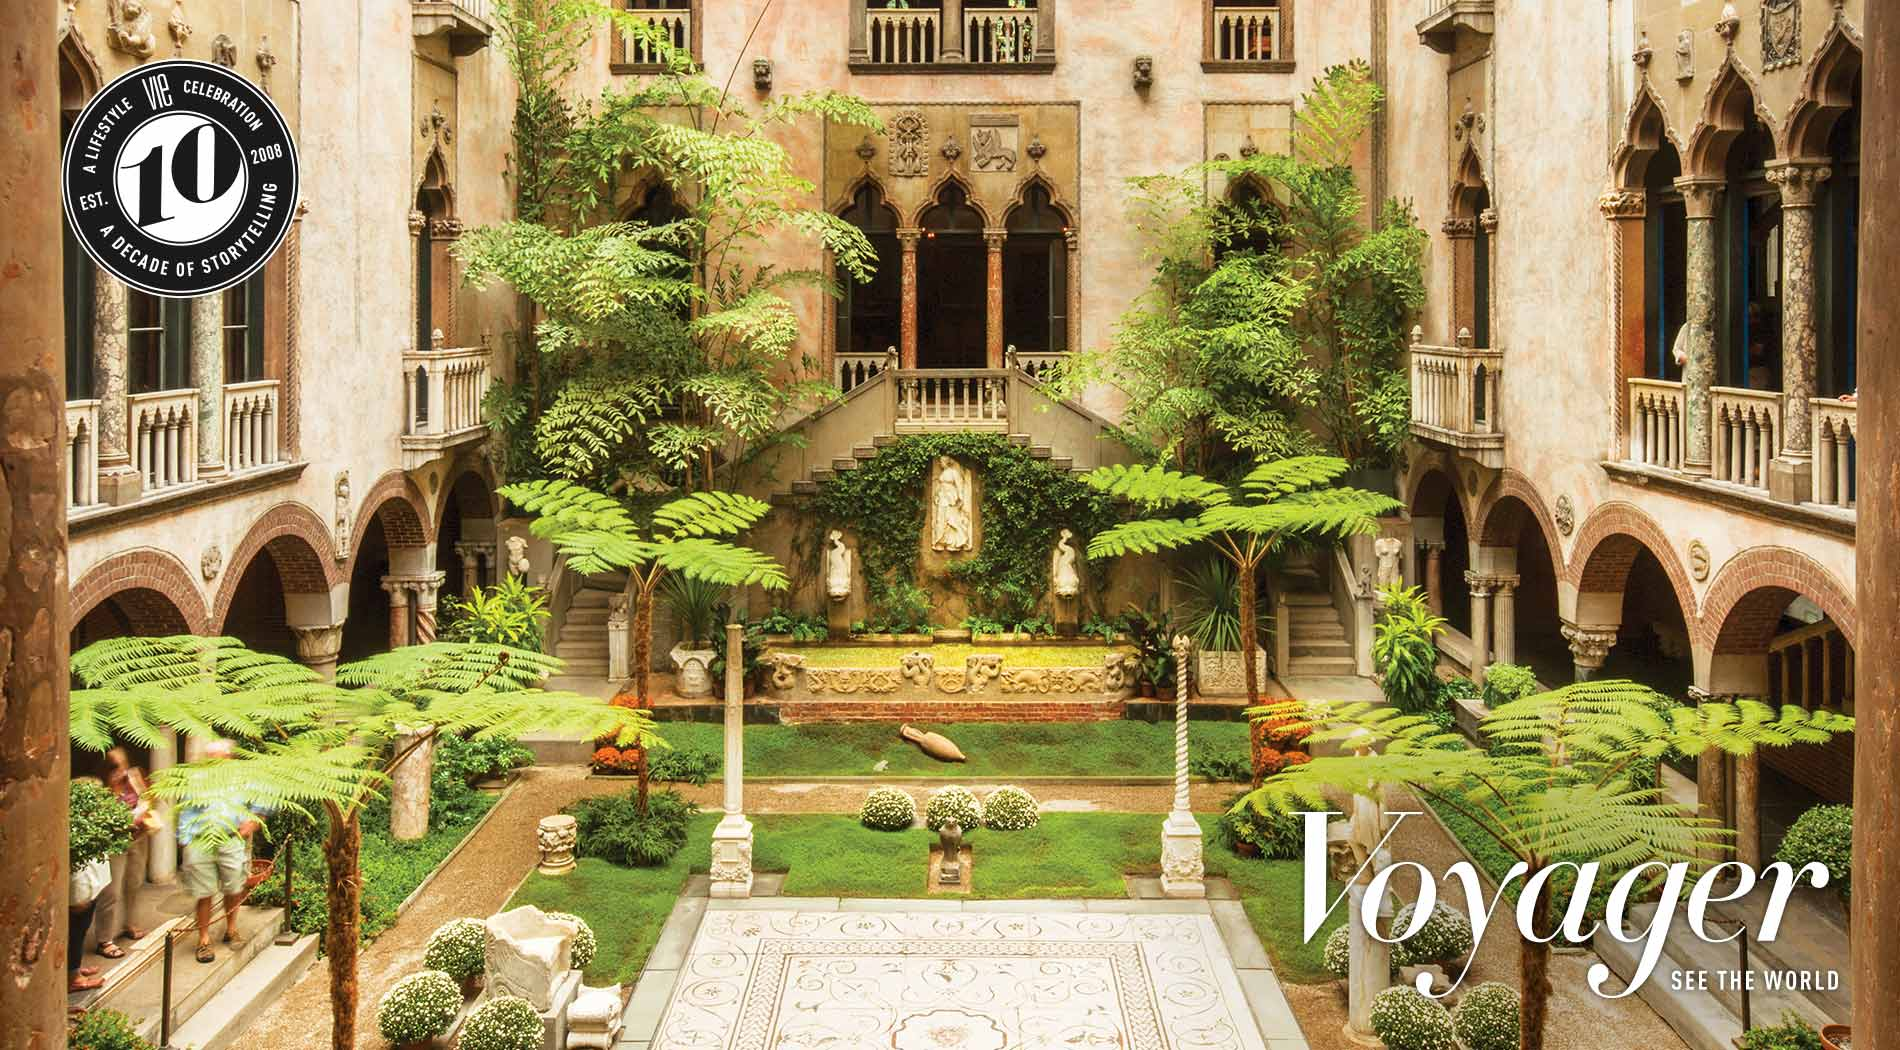 VIE Magazine - October 2017 Home & Garden Issue - Voyager